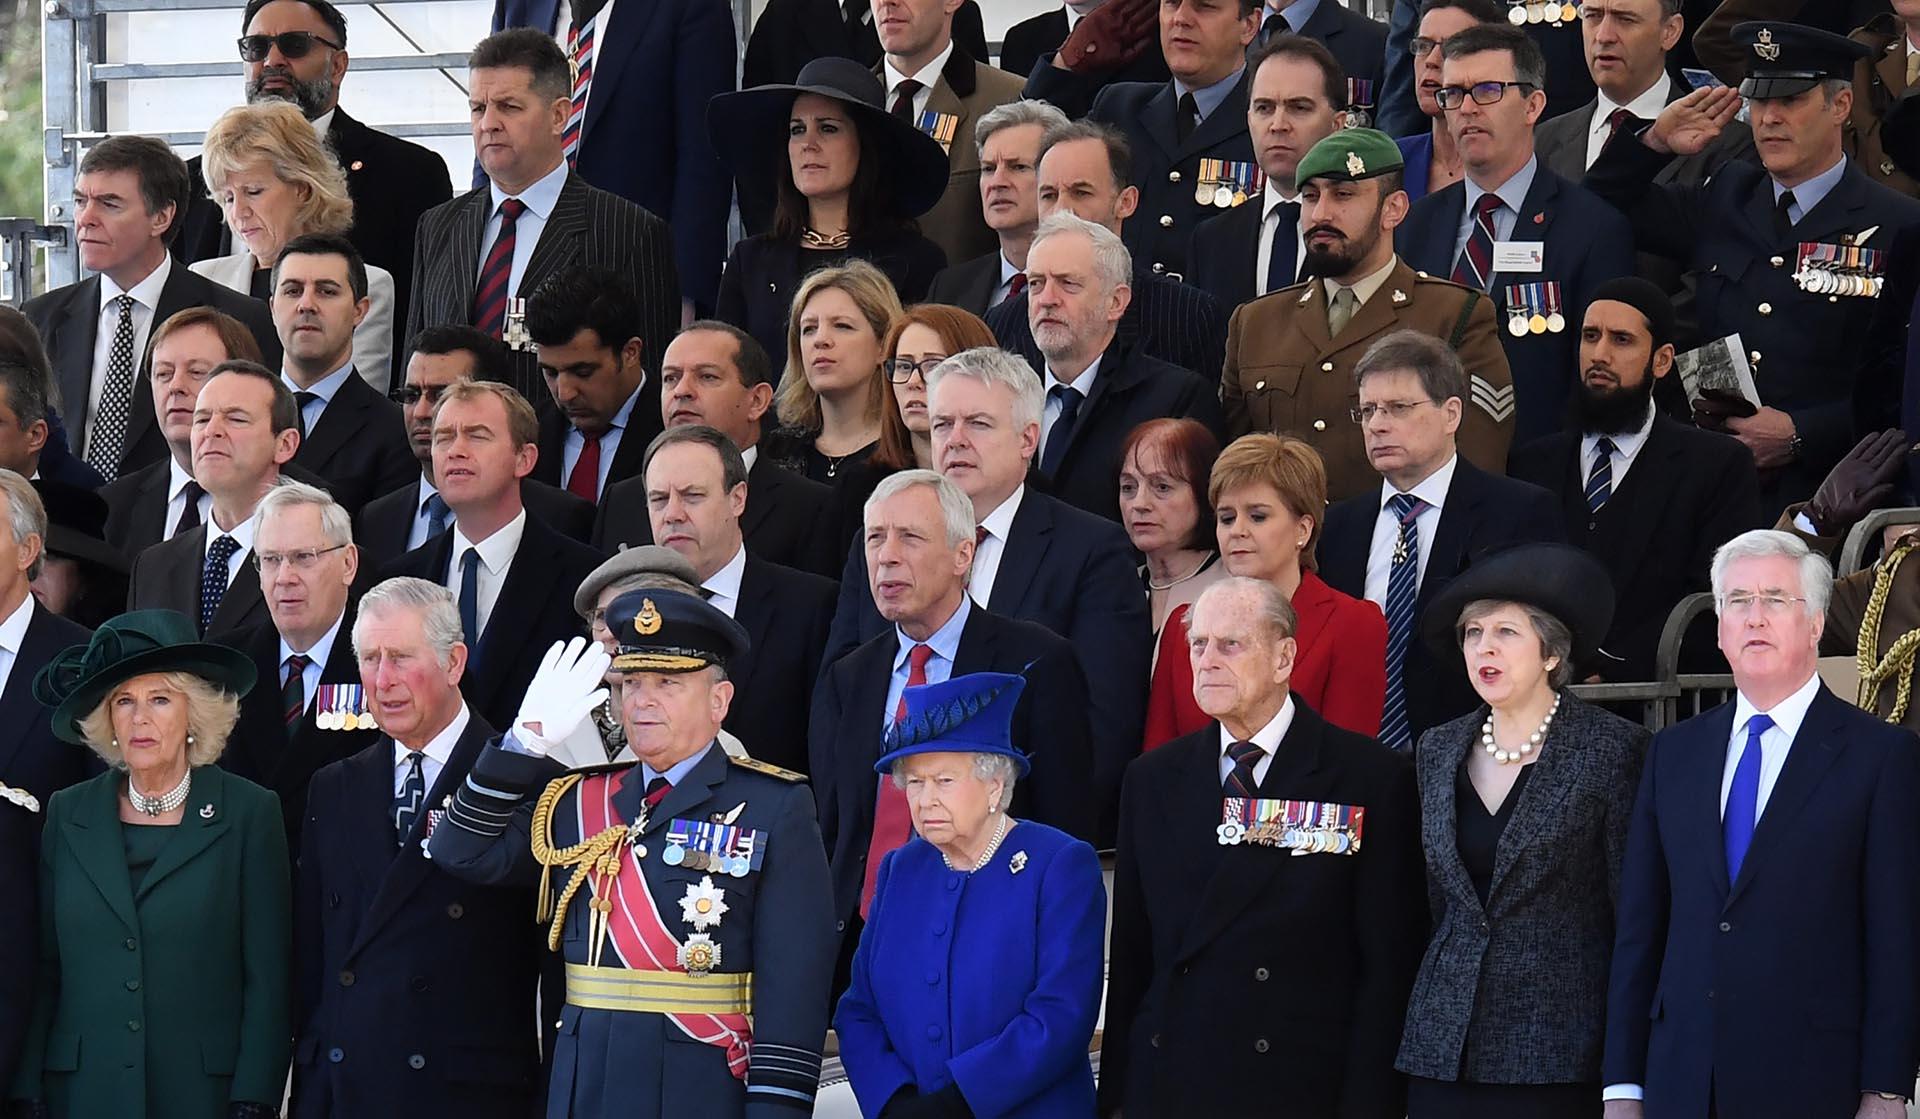 Camilla de Cornualles y su marido, el príncipe Carlos; Jeremy Corbyn, la reina Isabel II y su marido, Felipe duque de Edimburgo; Teresa May y Michael Fallon